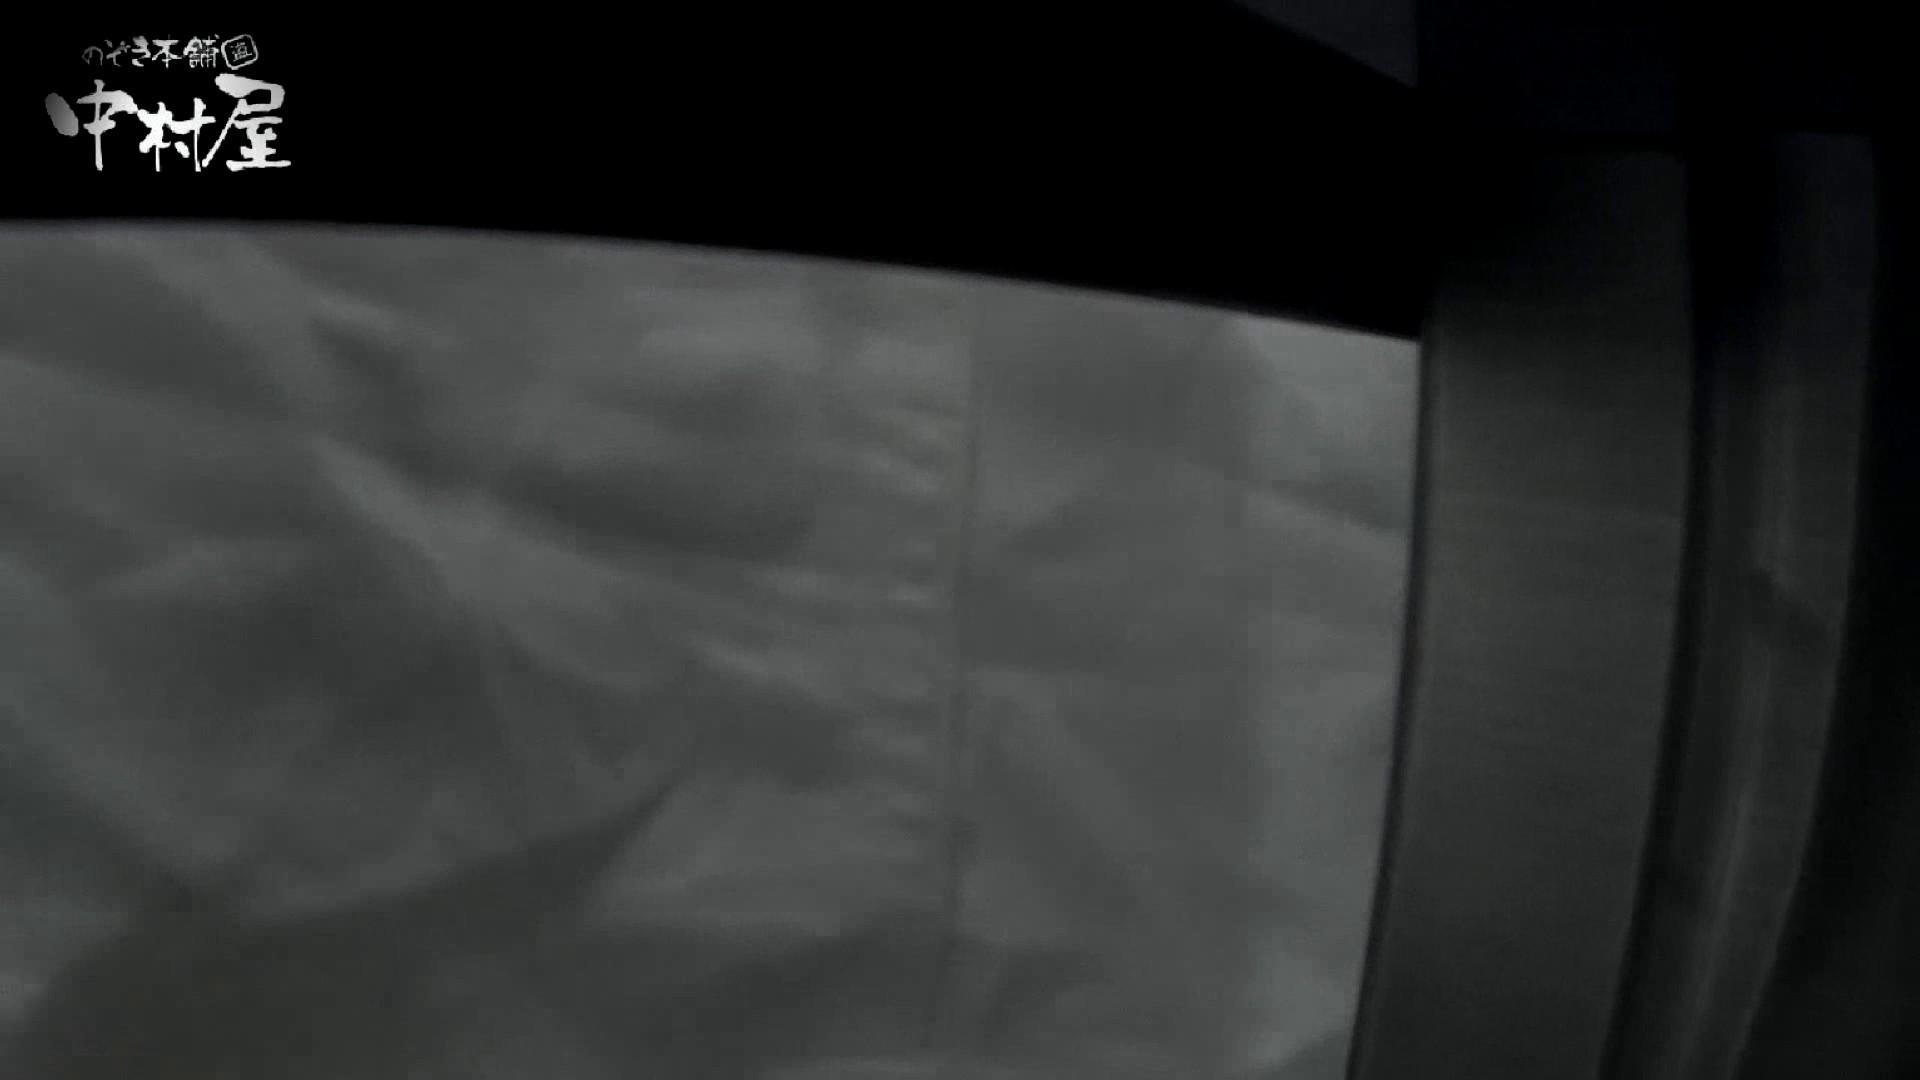 【某有名大学女性洗面所】有名大学女性洗面所 vol.40 ??おまじない的な動きをする子がいます。 投稿 | OLセックス  89画像 71